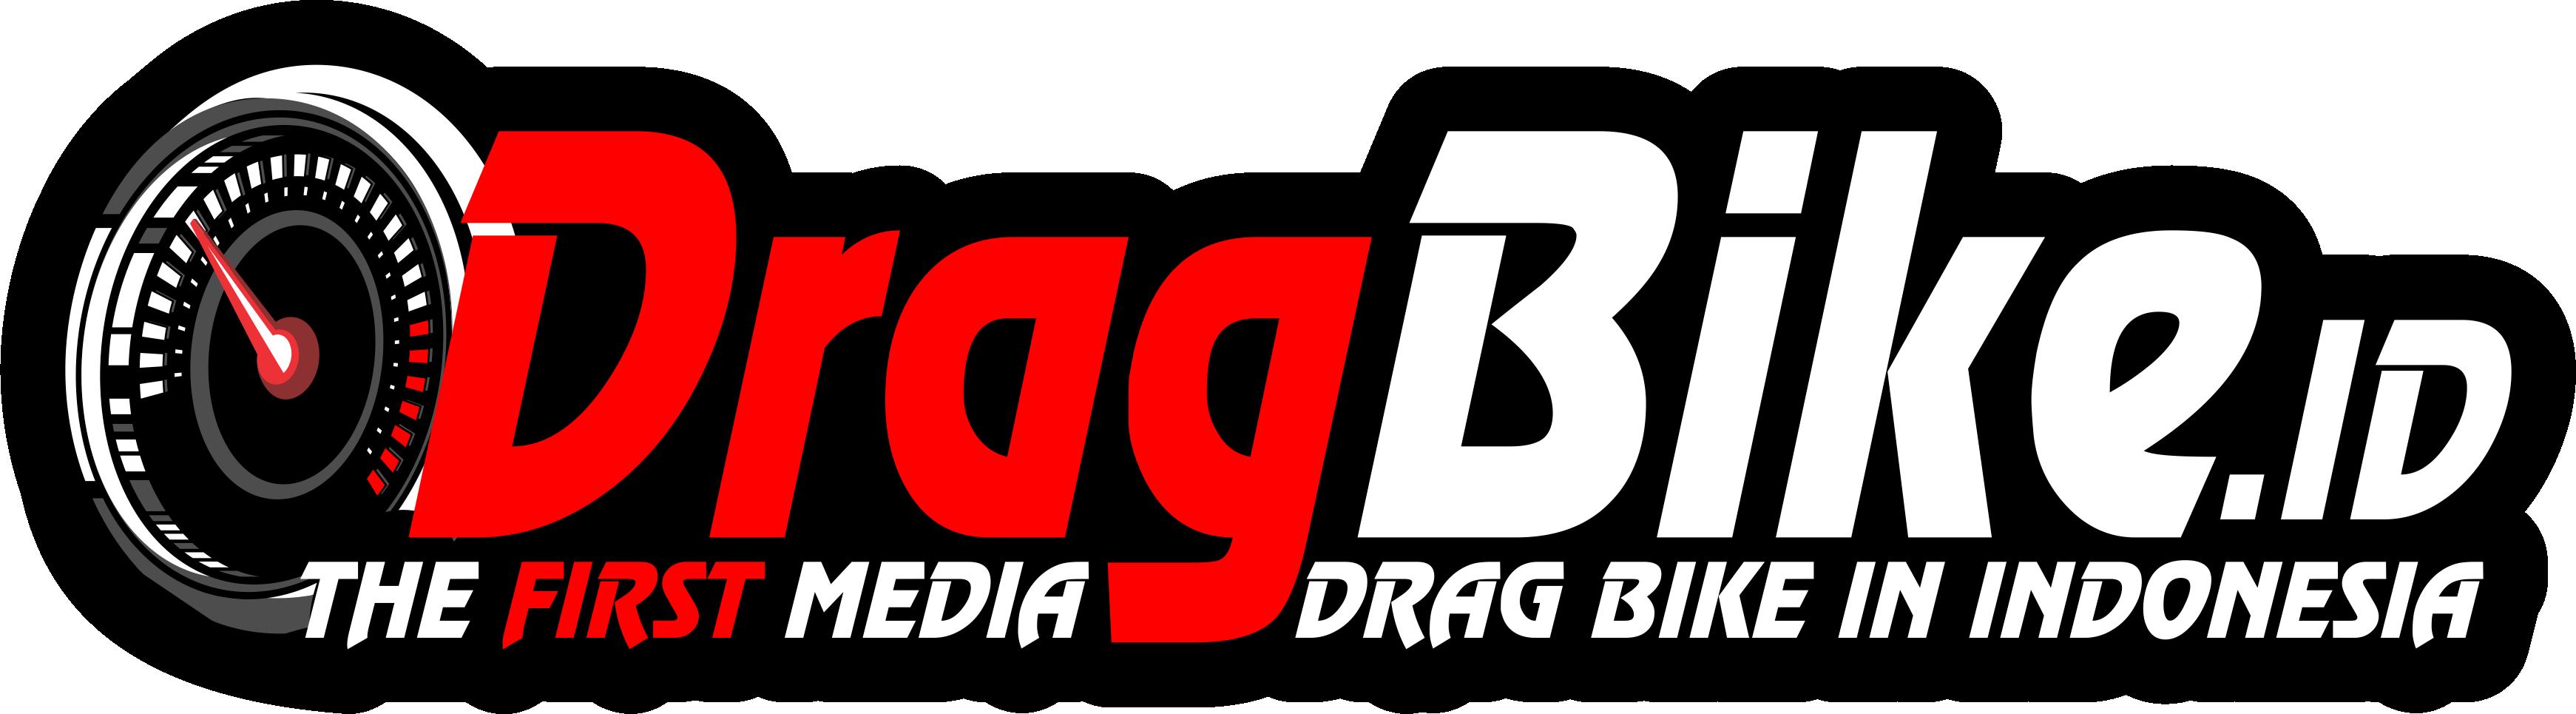 DBI • DRAGBIKE ID